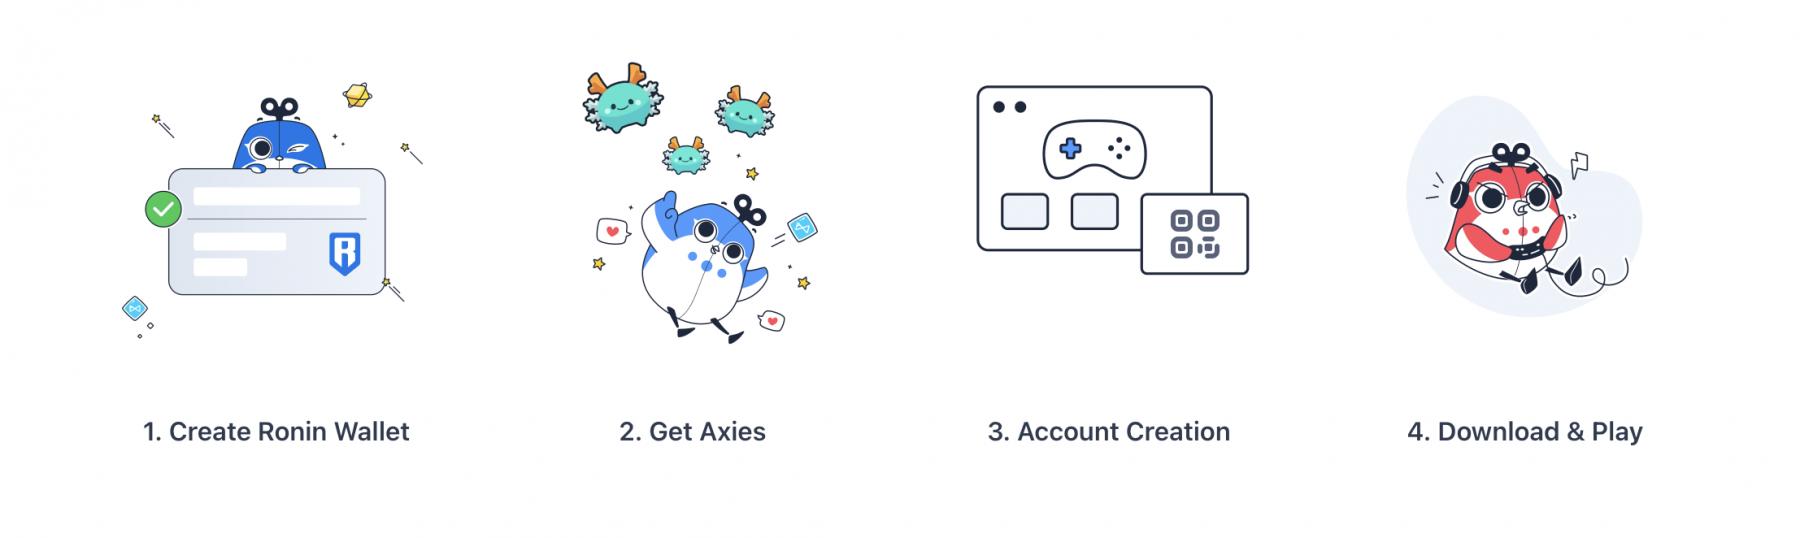 Vier Schritte sind nötig, um mit Axie Infinity zu starten